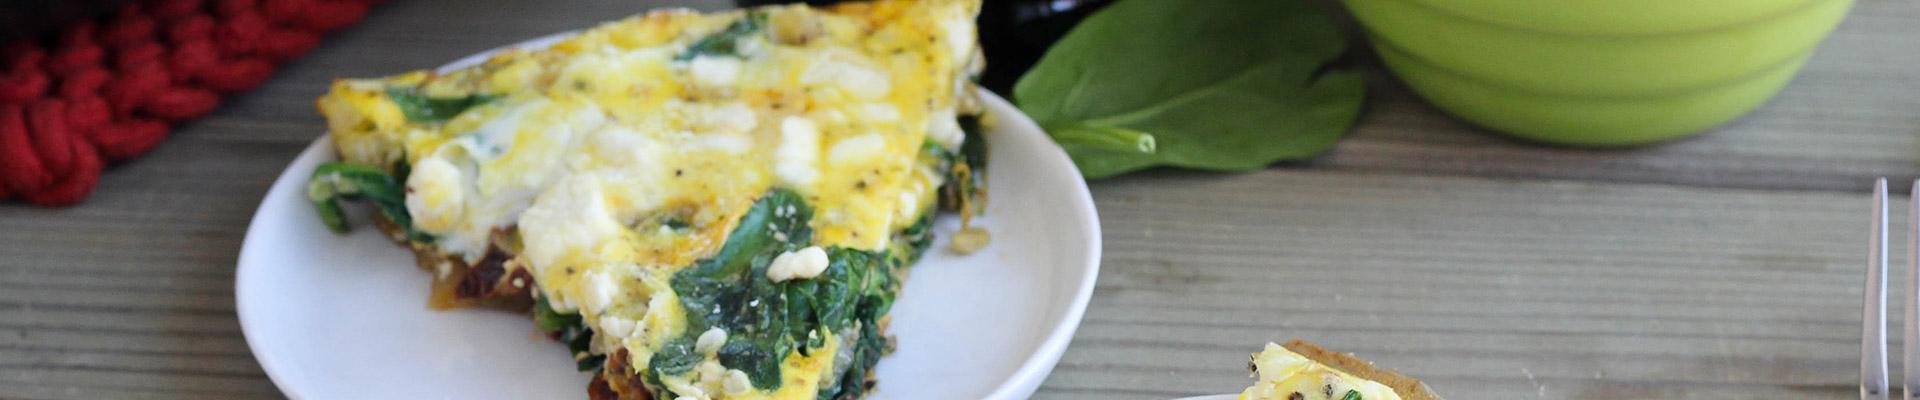 Spinach, Artichoke & Sun-Dried Tomato Frittata - # ...